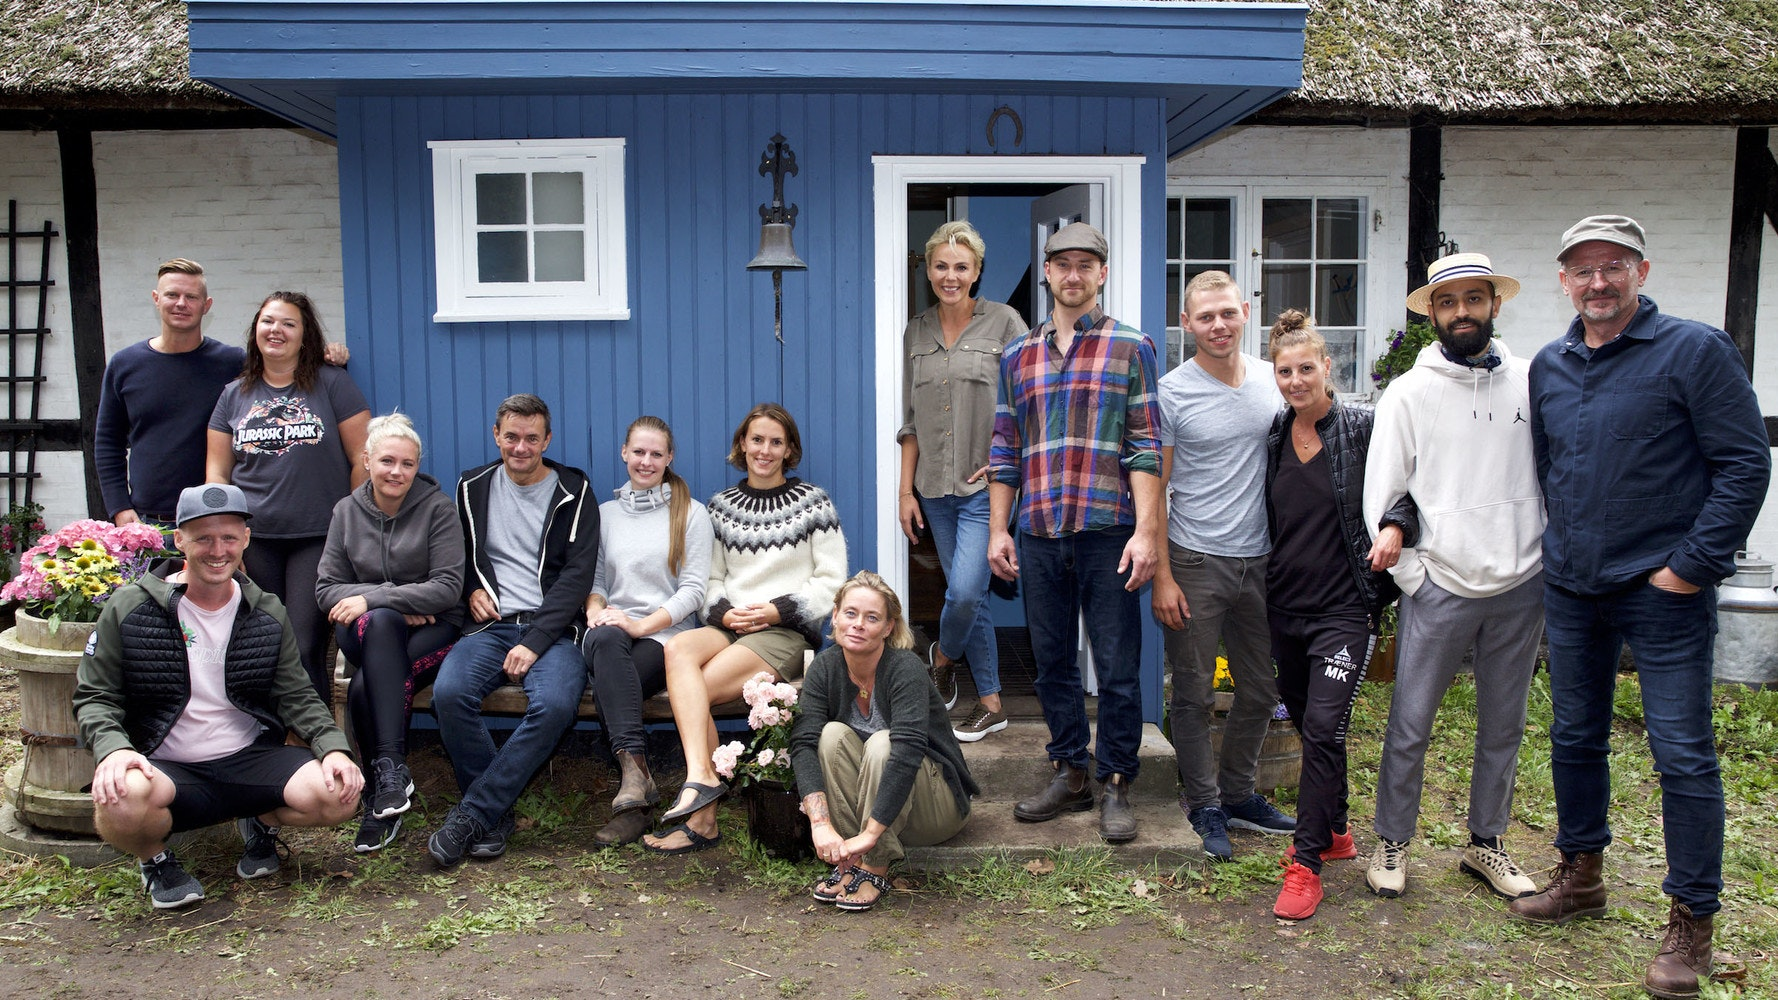 Hjem til gården - en flok danskere afprøver drømmen om 'det simple liv'